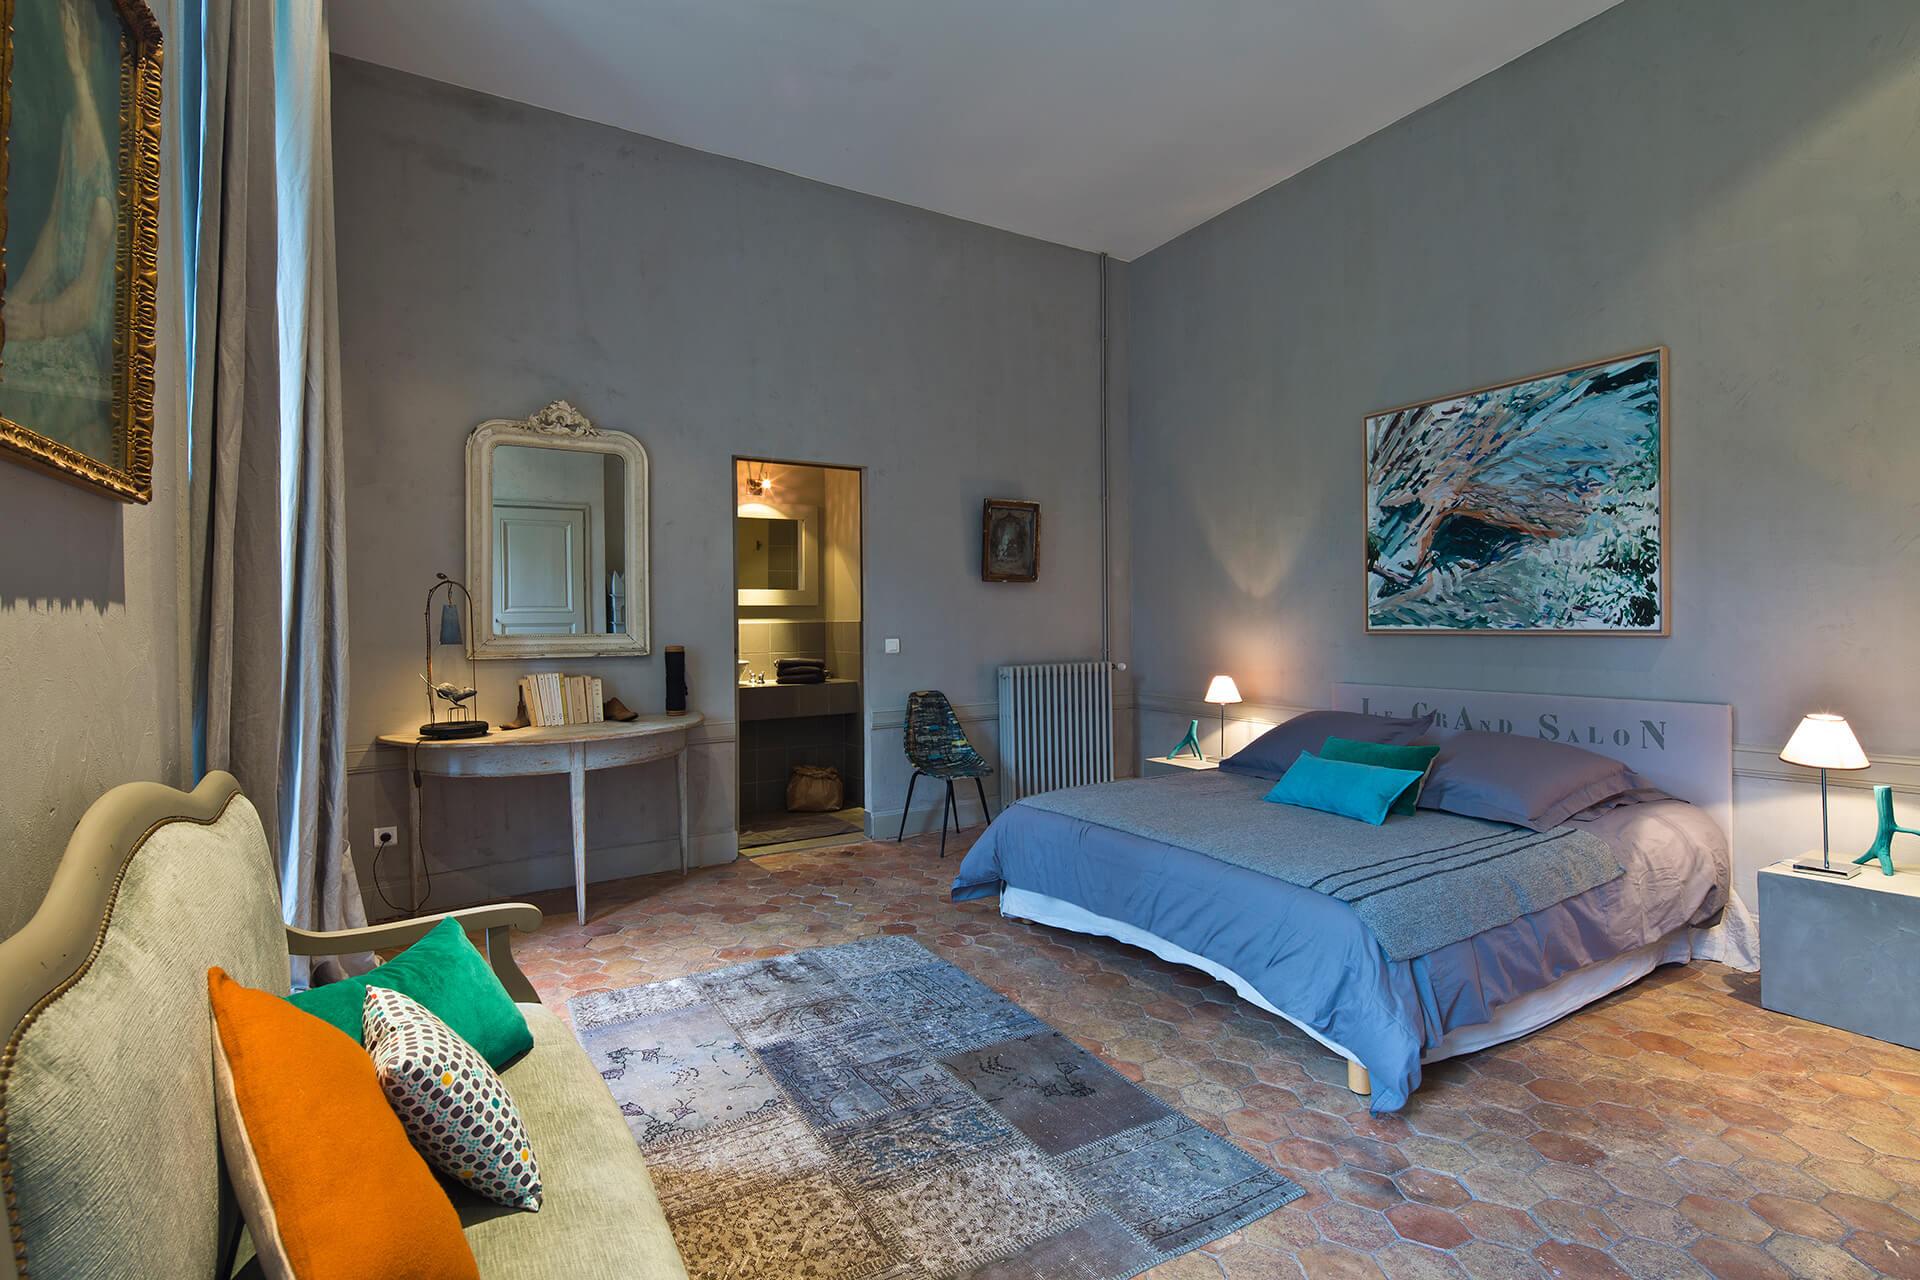 Maison hote chateau uzer chambre grand salon - Maison charme et tradition ...